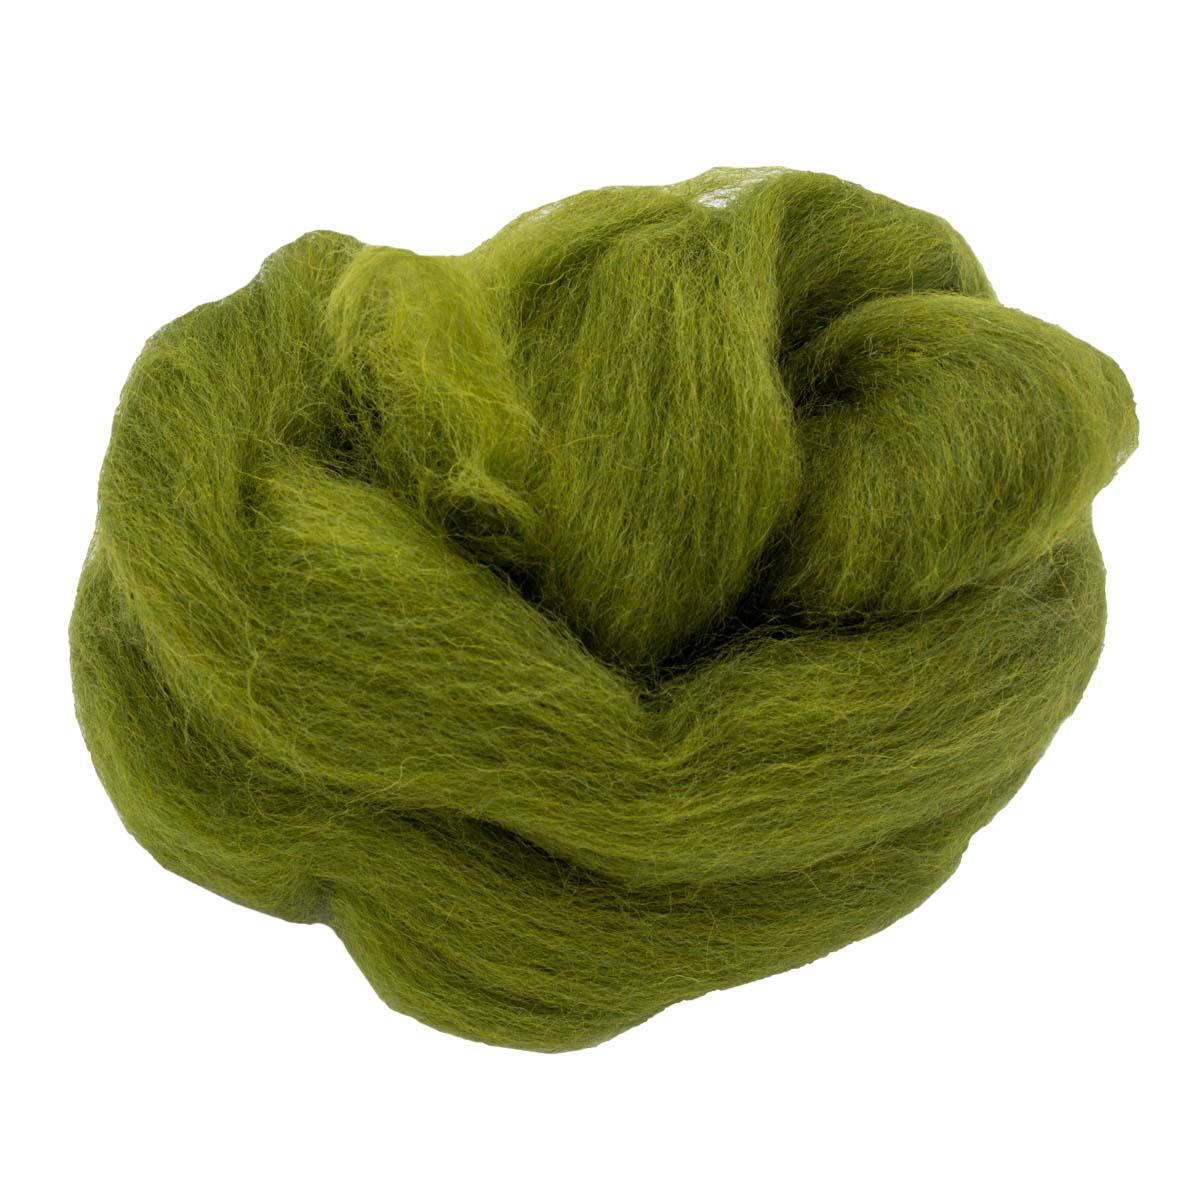 84312-1 ORCHIDEA Шерсть для валяния, цвет лимонно-зеленый, 10 г